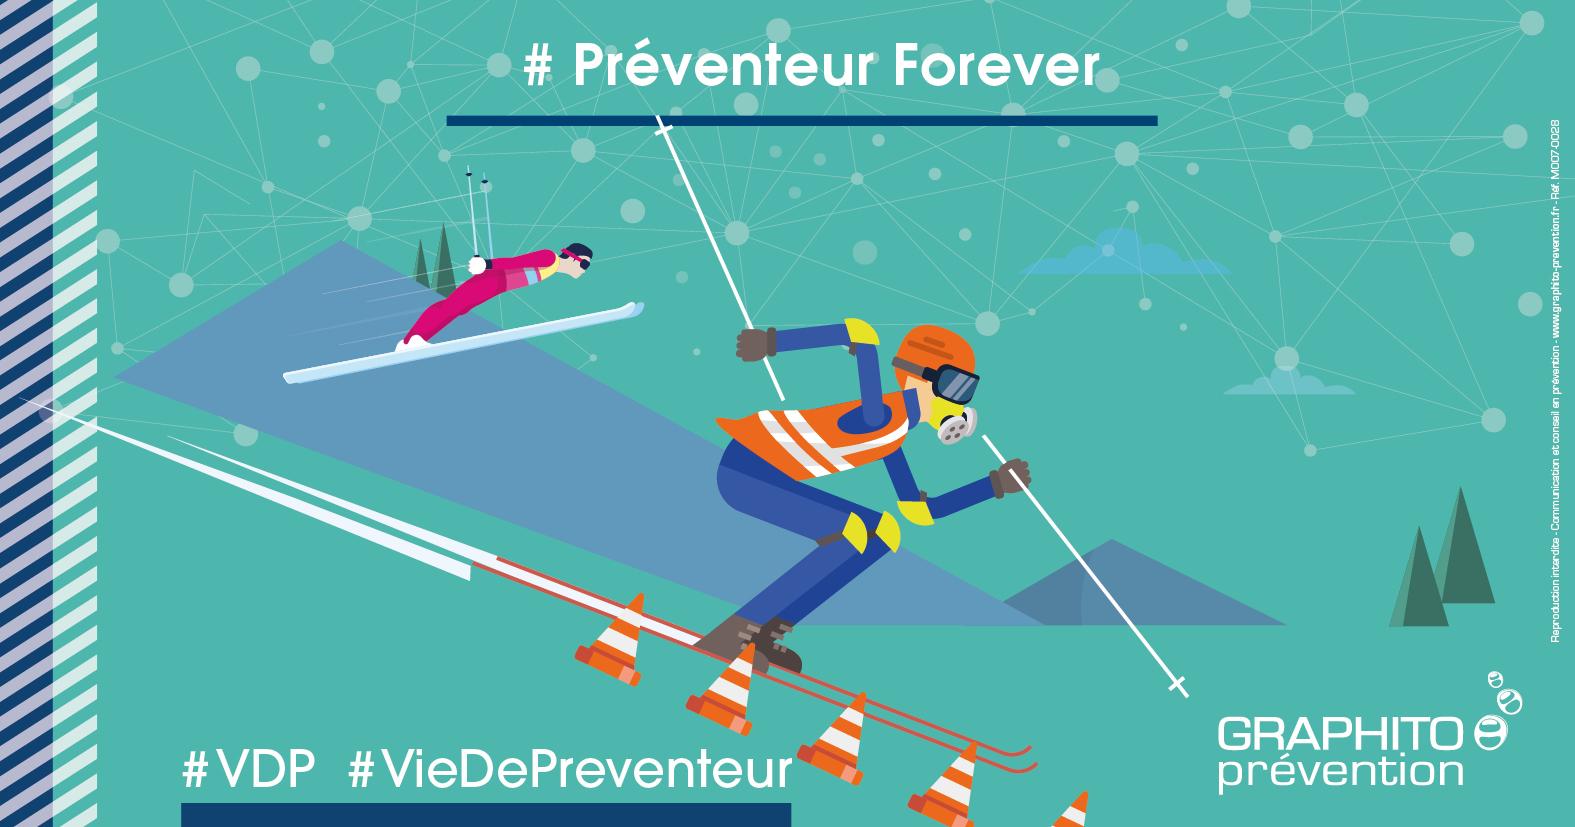 VDP illustrée préventeur forever ski